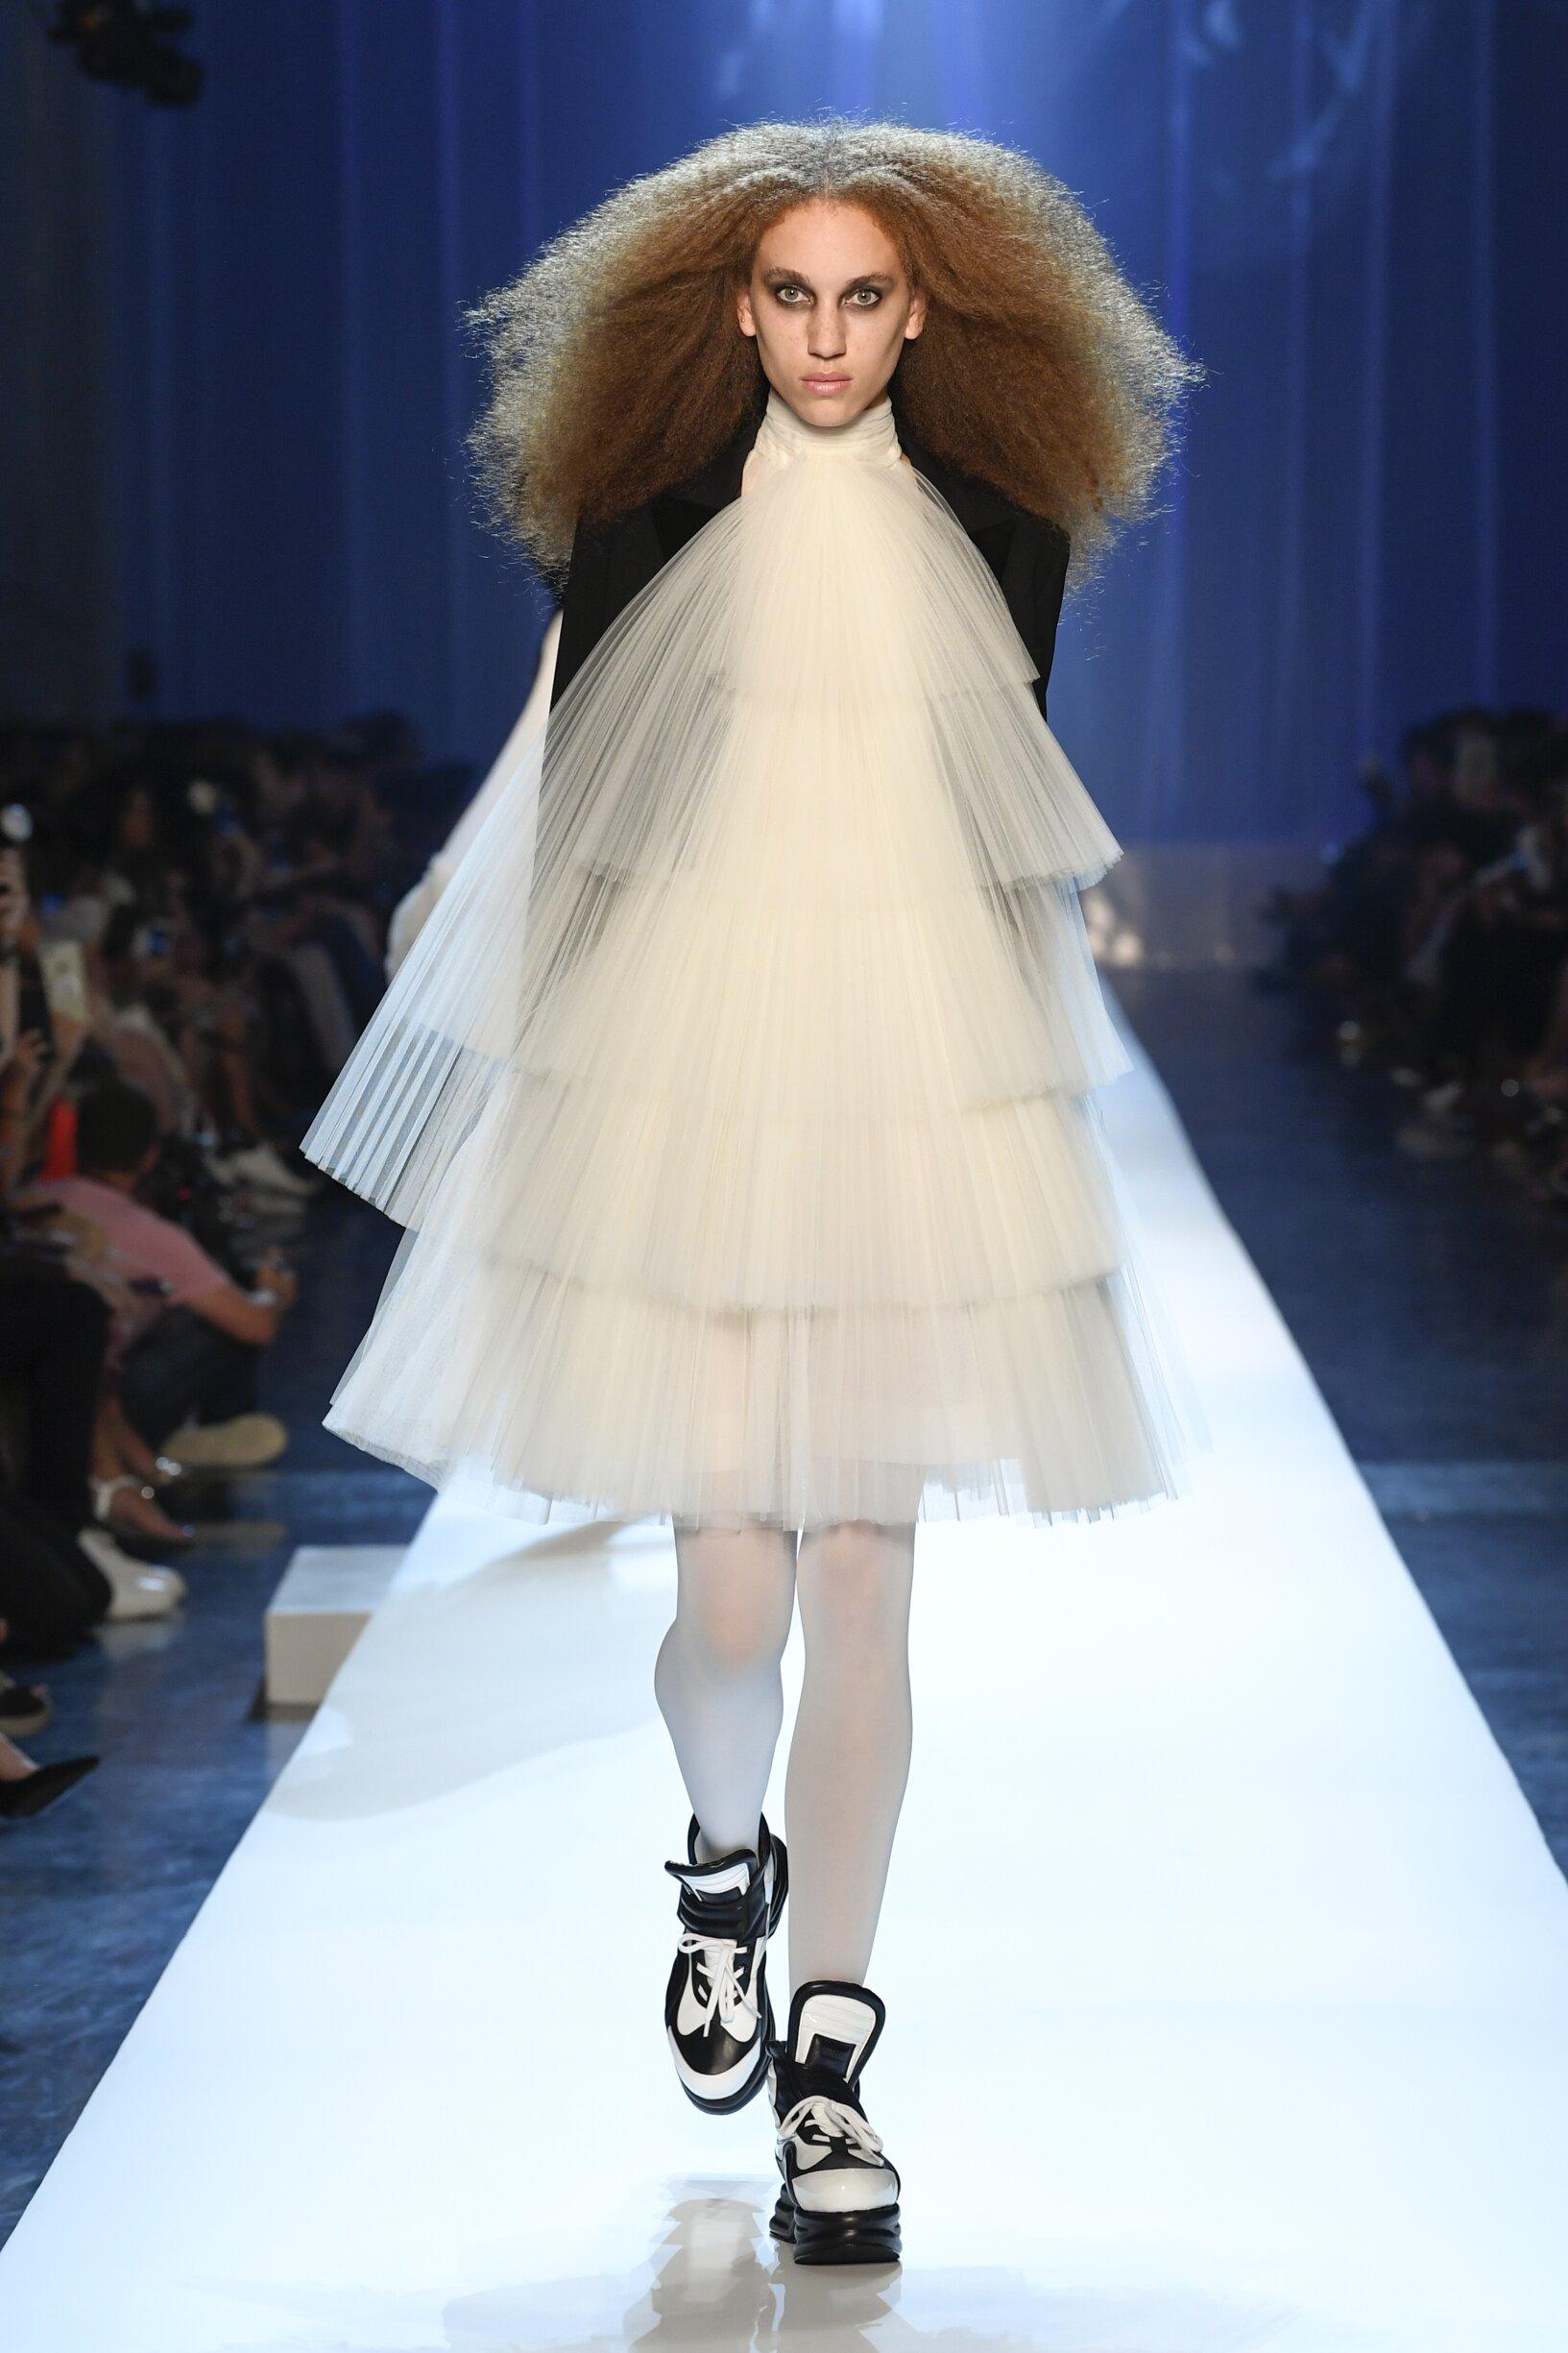 Jean-Paul Gaultier Haute Couture FW 2018 Womenswear